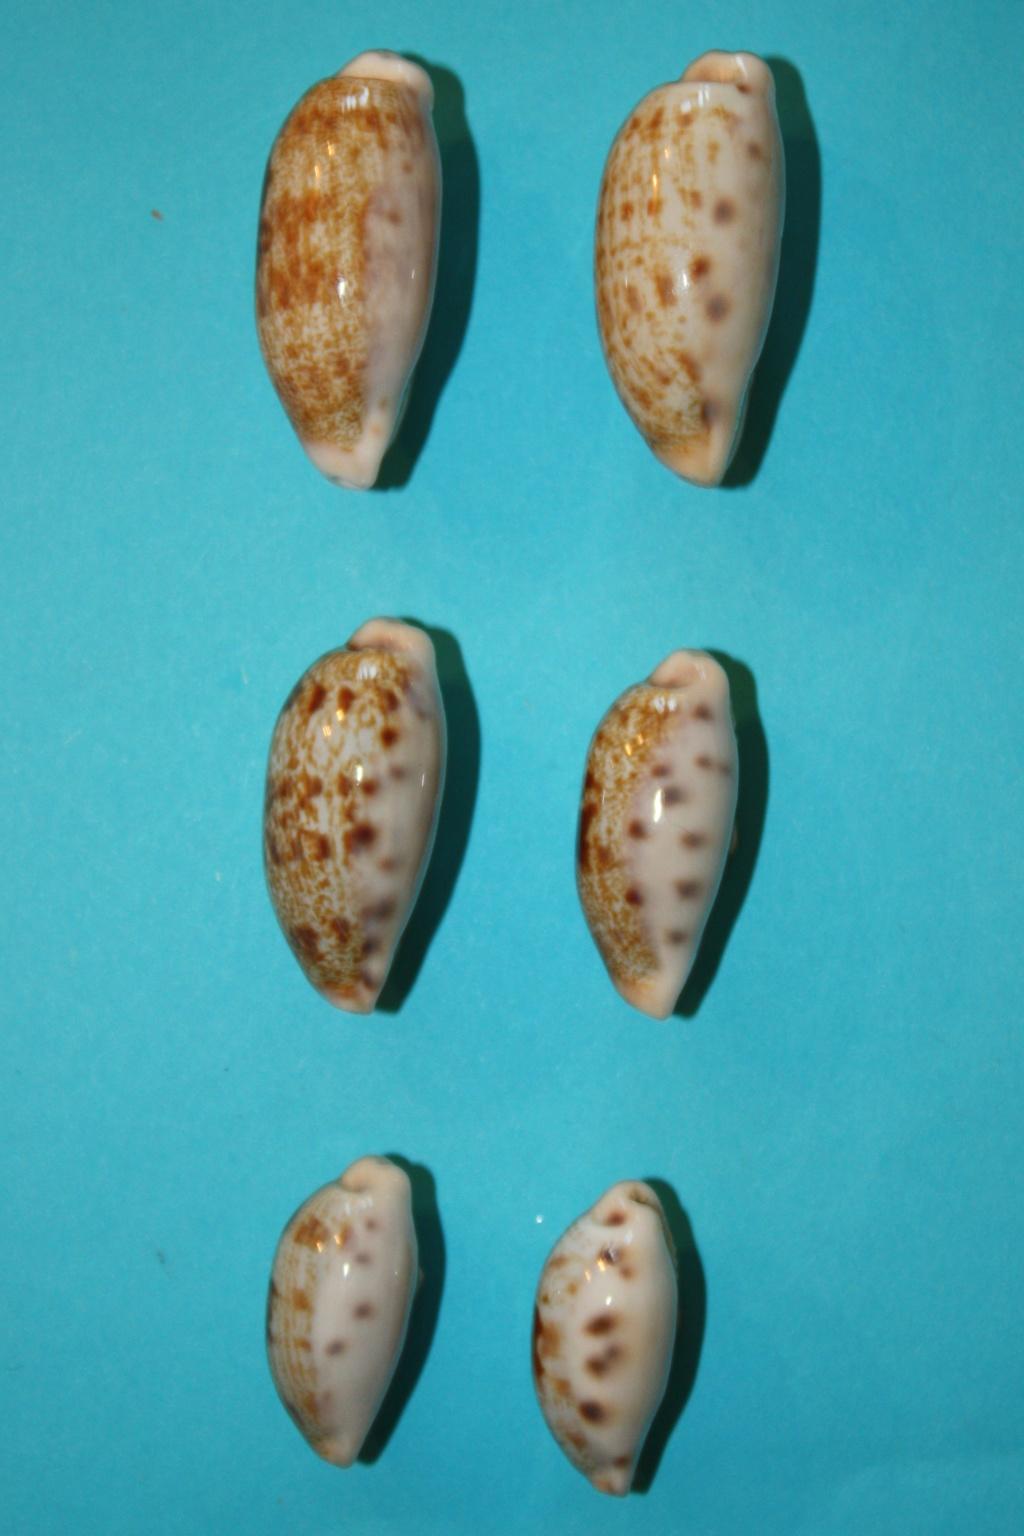 Talostolida pellucens pellucens - (Melvill, 1888) & Talostolida teres teres (Gmelin, 1791) Img_0331